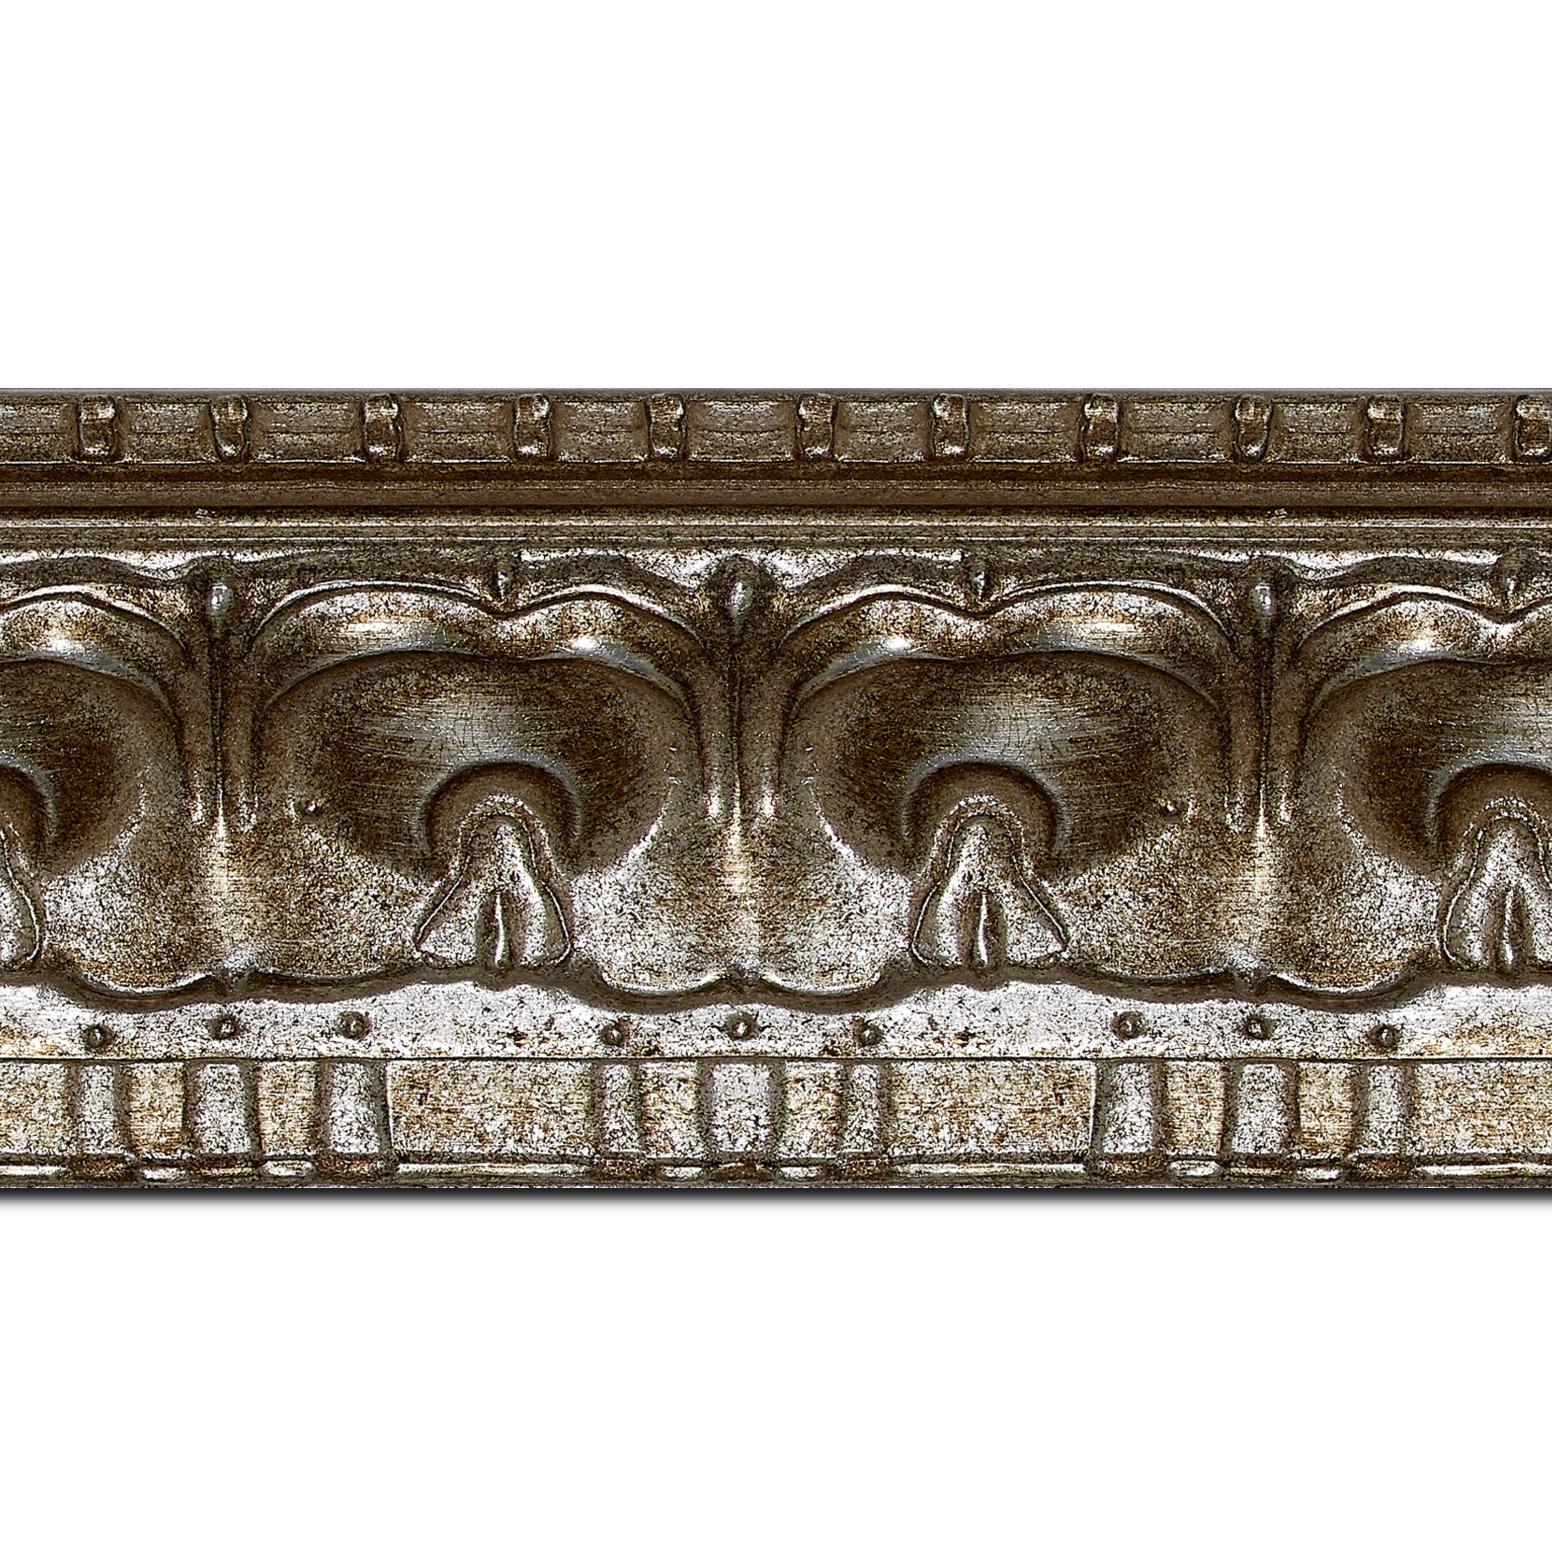 Pack par 12m, bois profil incurvé largeur 8.5cm argent chaud antique classique(longueur baguette pouvant varier entre 2.40m et 3m selon arrivage des bois)